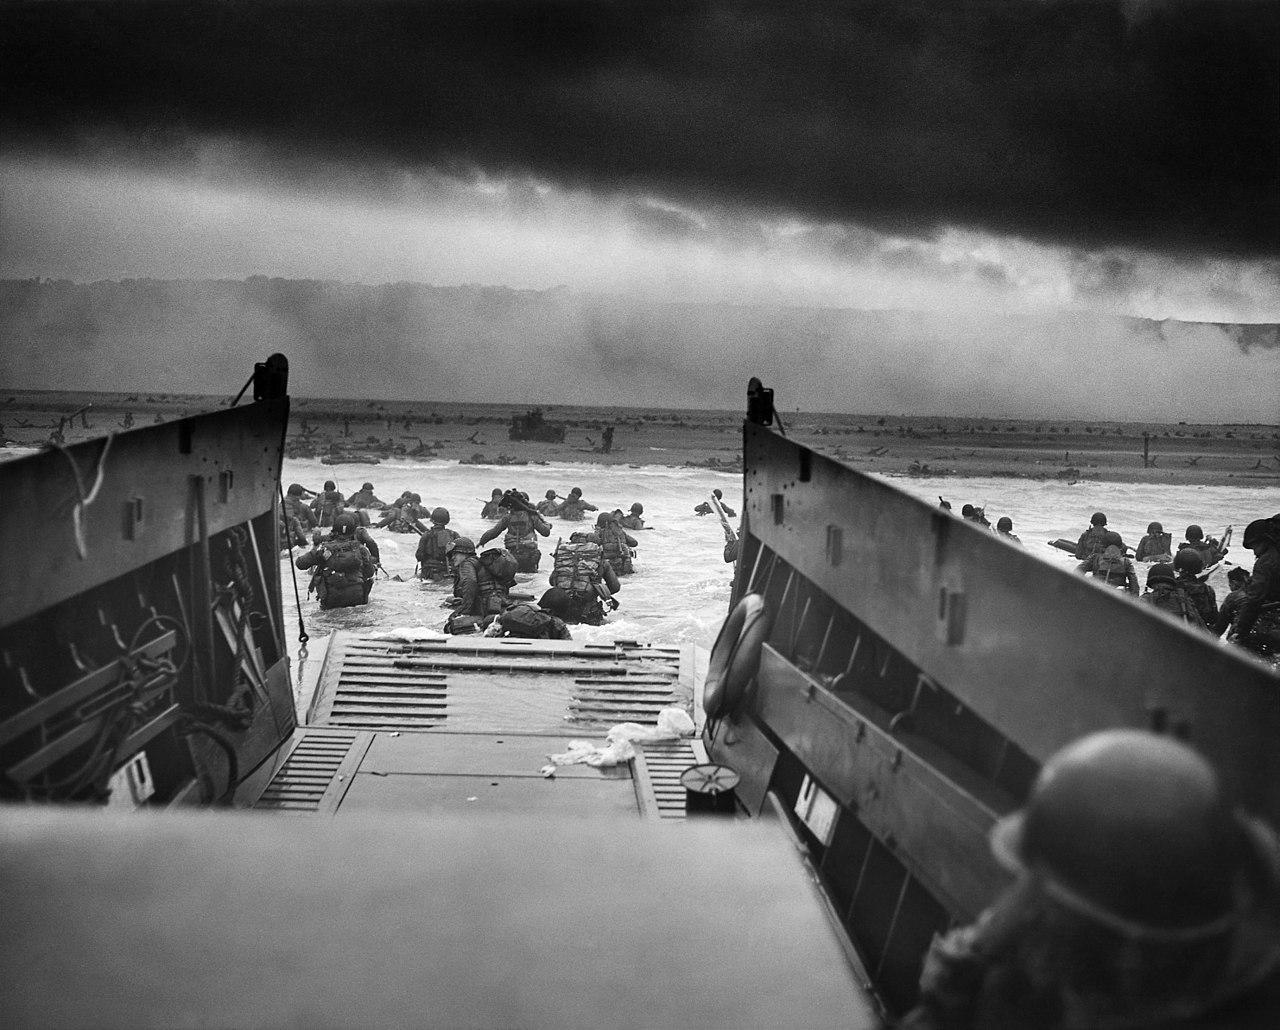 Francja: Bogaty w wydarzenia dzień 75-tej rocznicy lądowania aliantów w Normandii